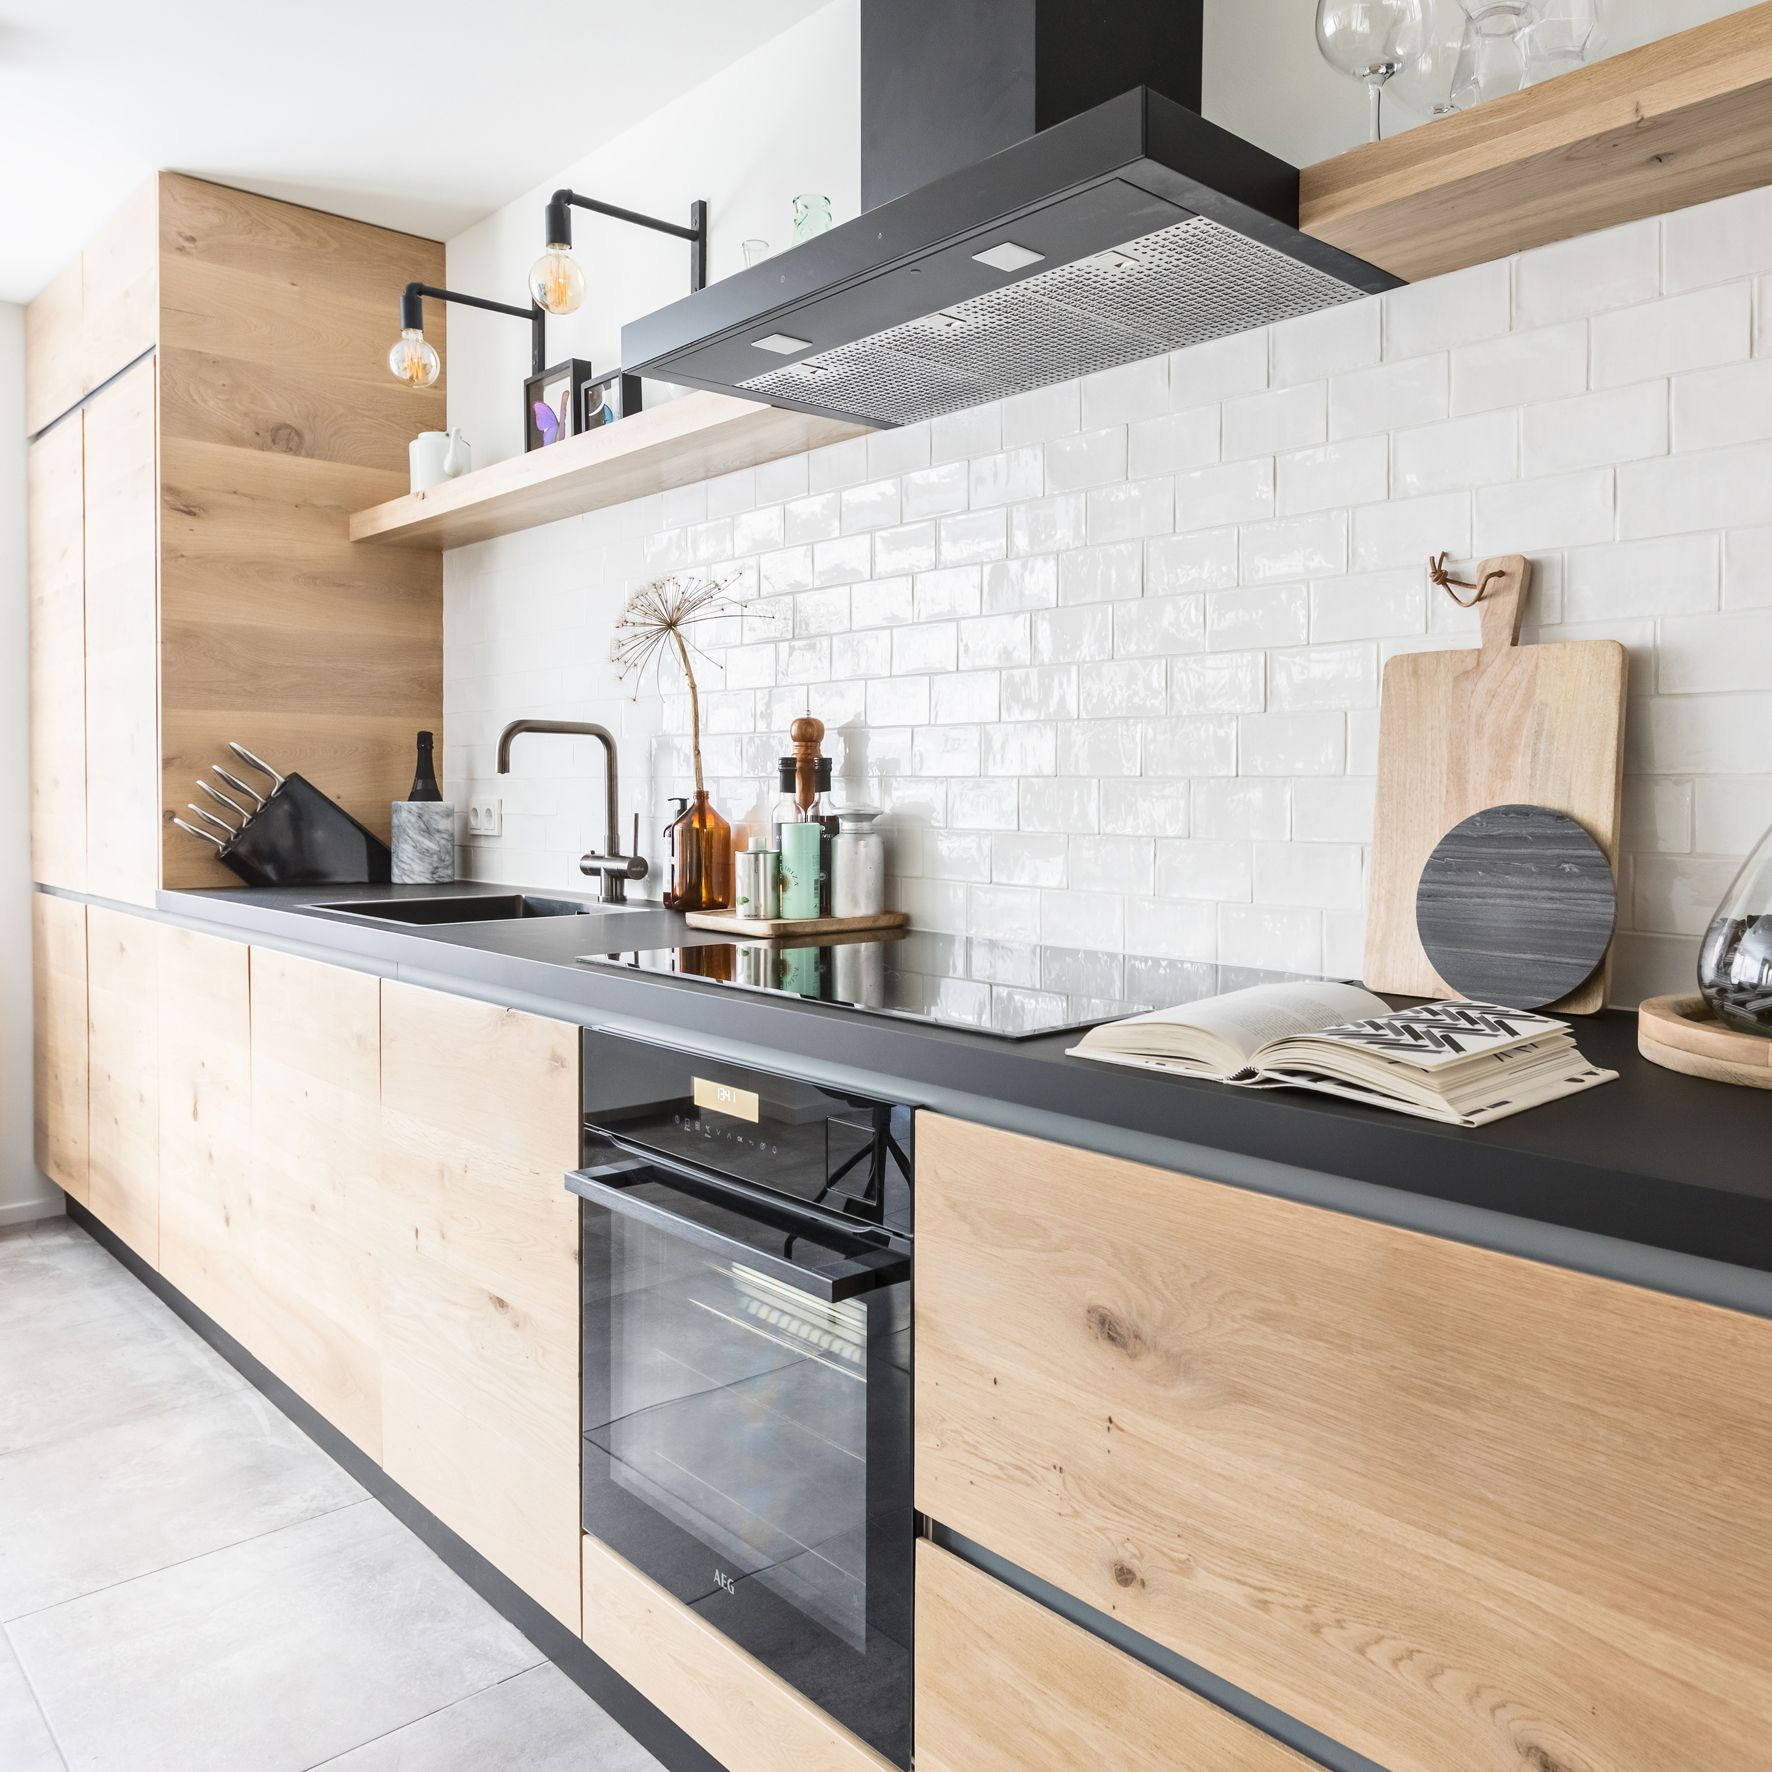 Cuisine En Bois Moderne 2019: J'aime Comptoir Fomce Armoire Vieux Bois Nico Aime Mais